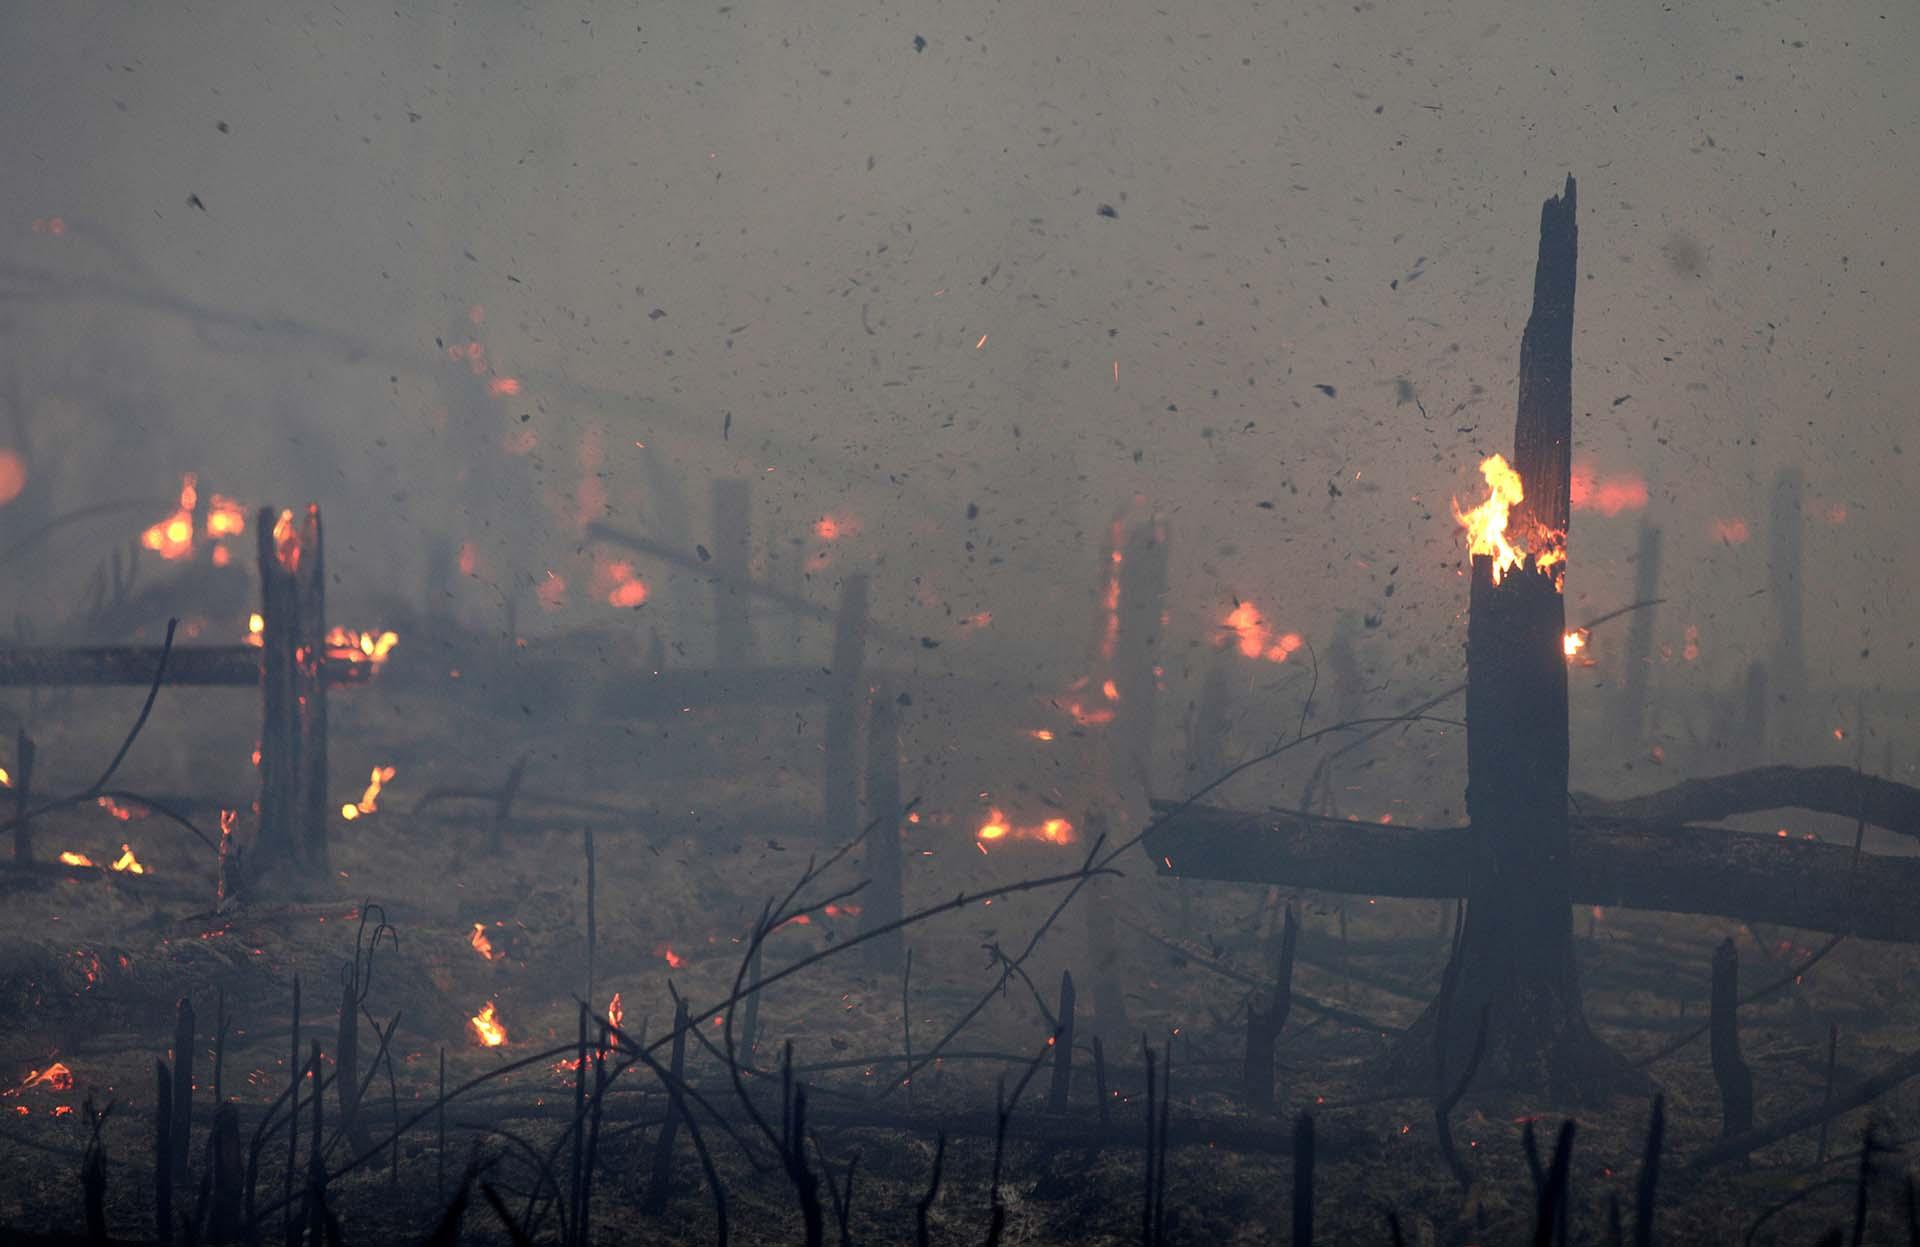 Miles de incendios se registraron en las últimas semanas en el Amazonas